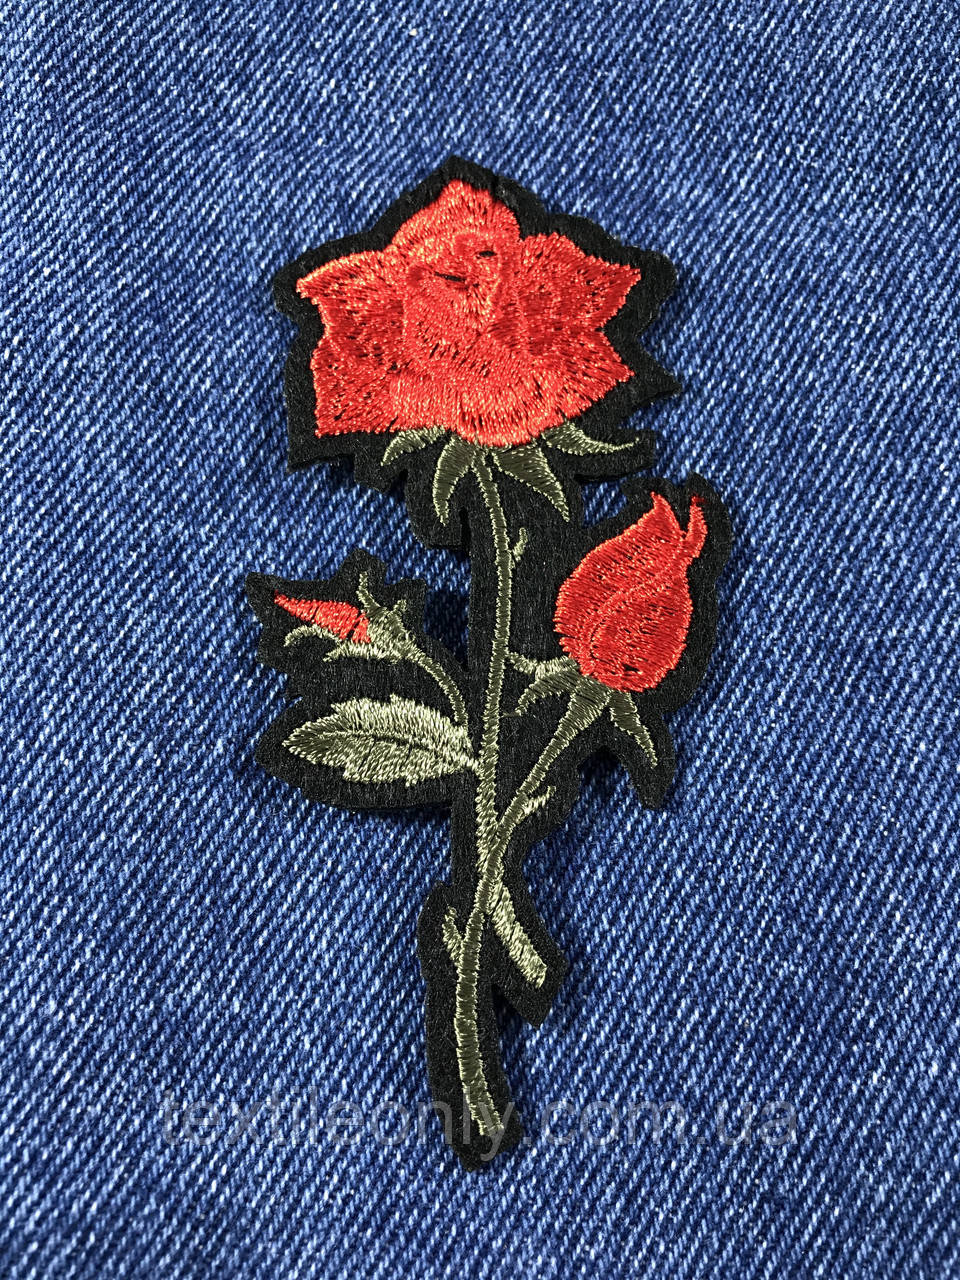 Нашивка Роза цвет красный темный лист s 48x100 мм